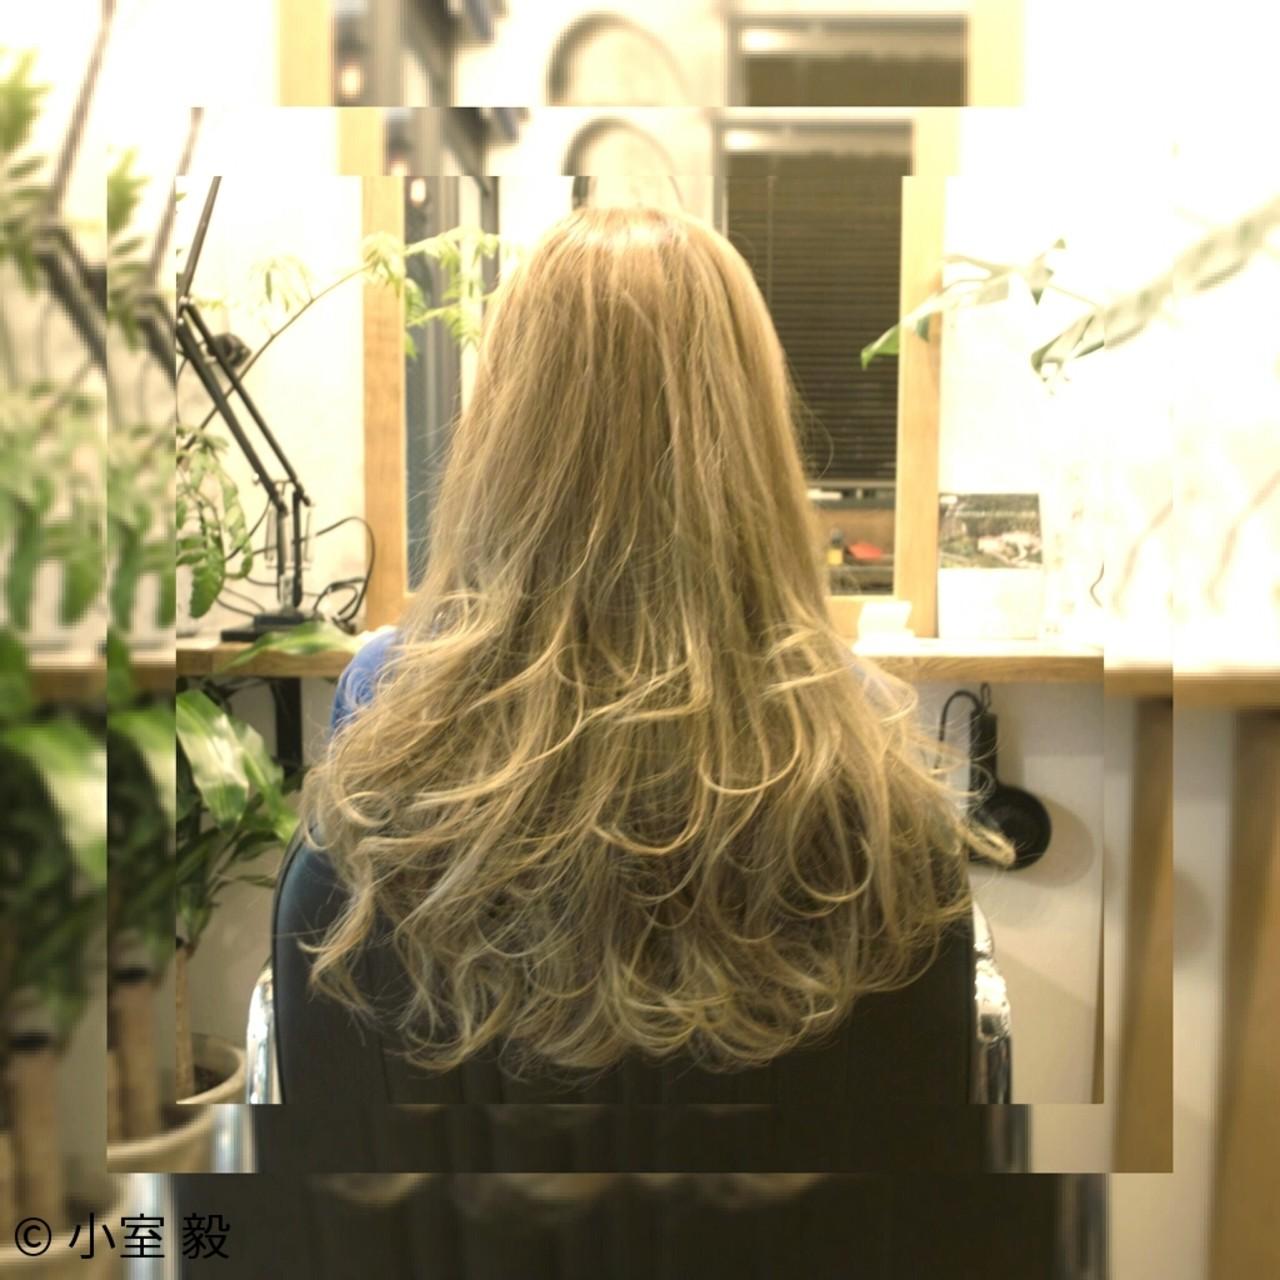 ハイトーン ロング ガーリー グラデーションカラー ヘアスタイルや髪型の写真・画像